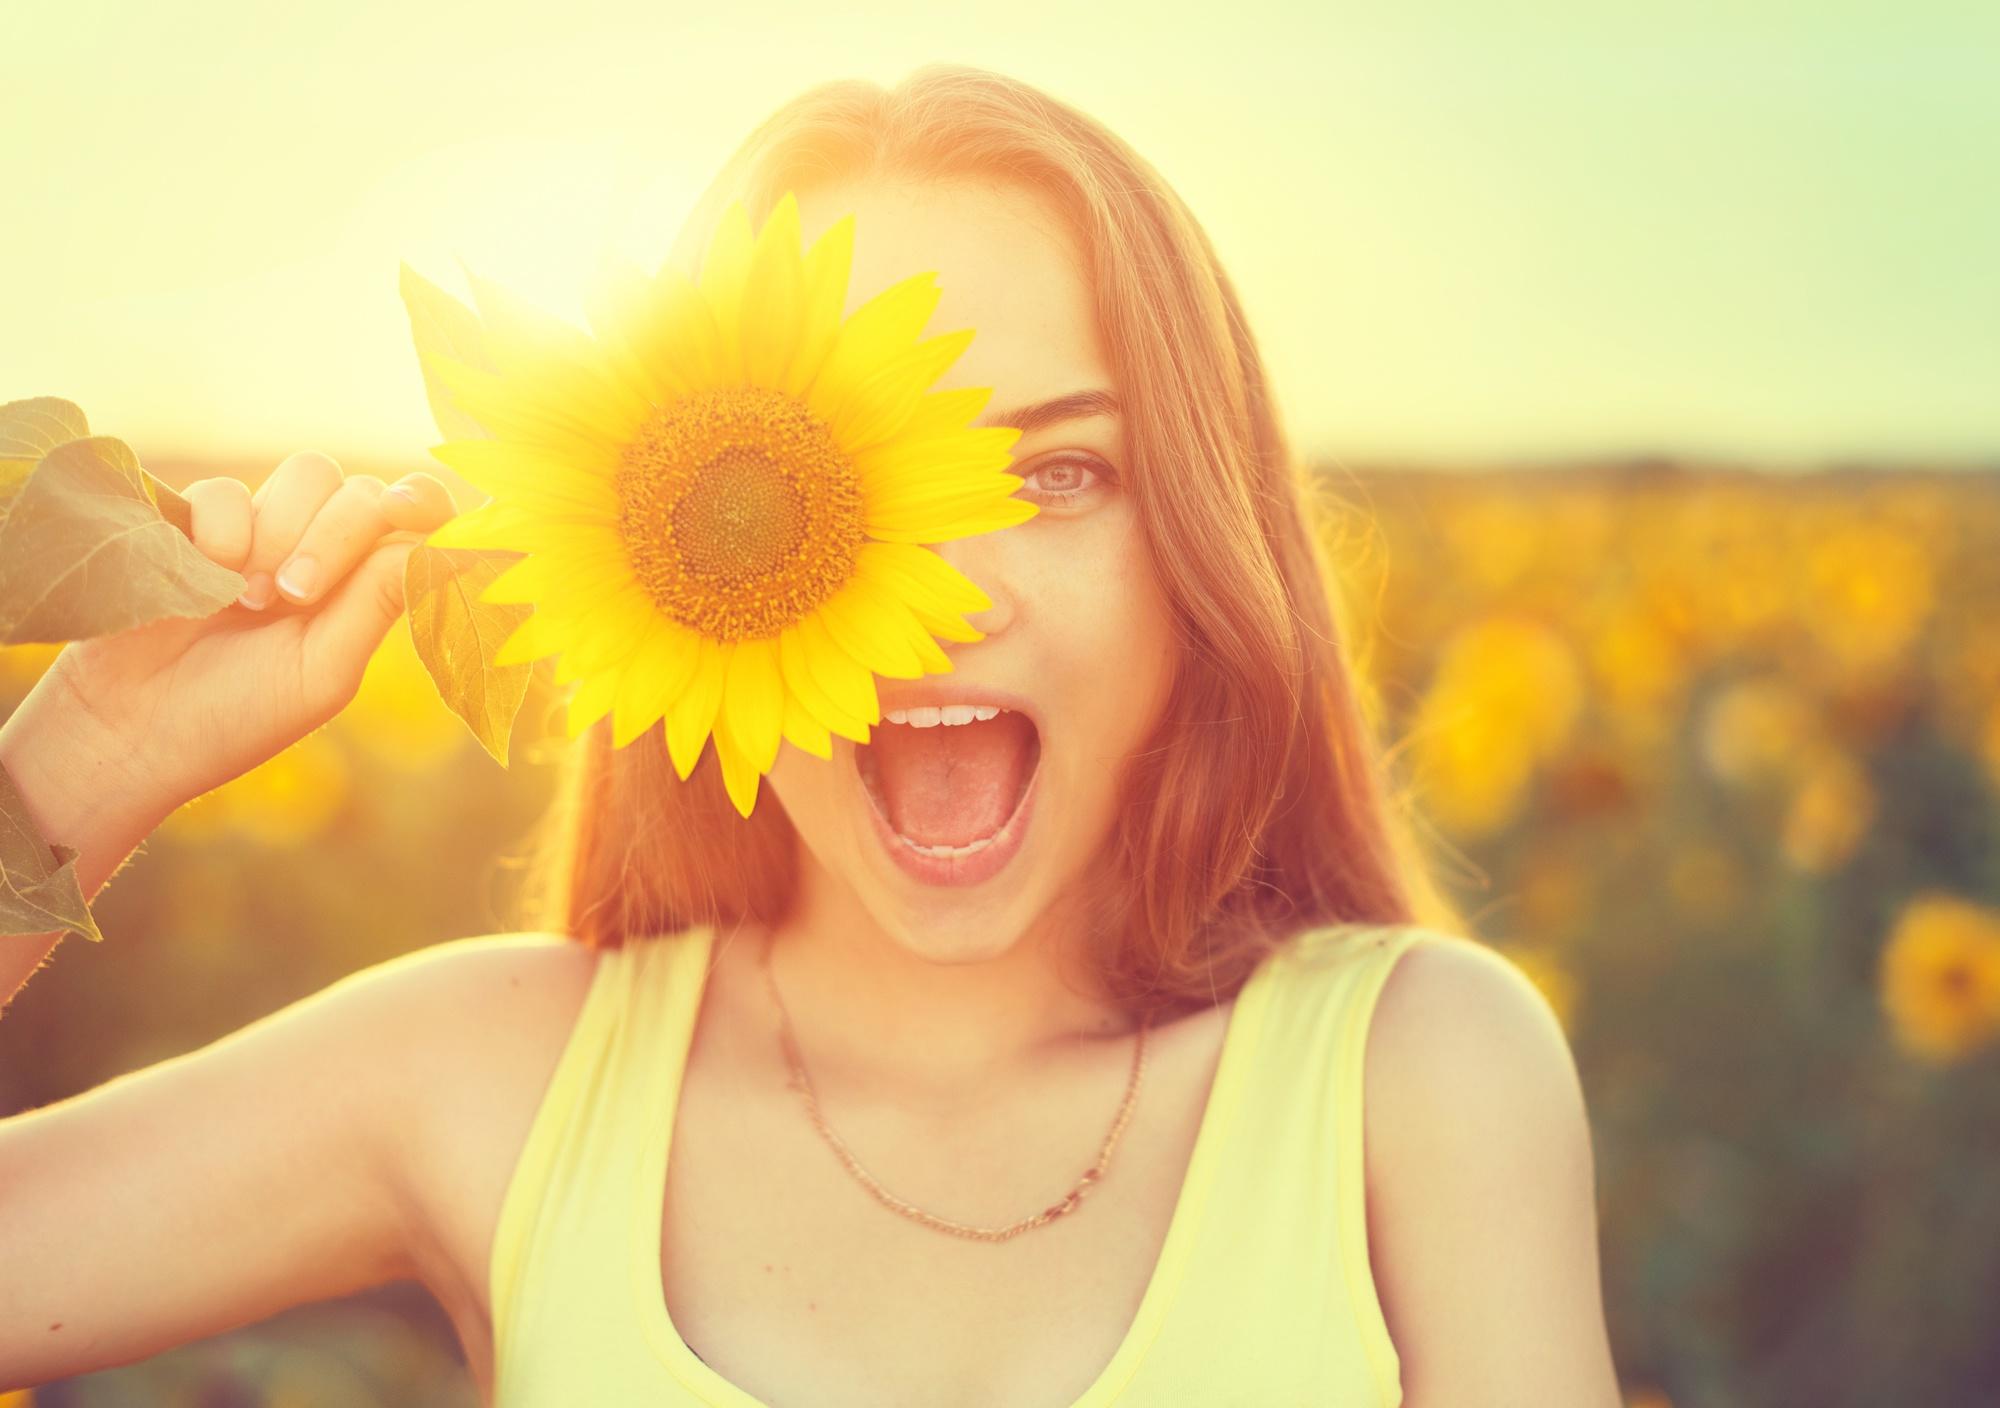 самых загадочных выше кадров только солнце картинки понять